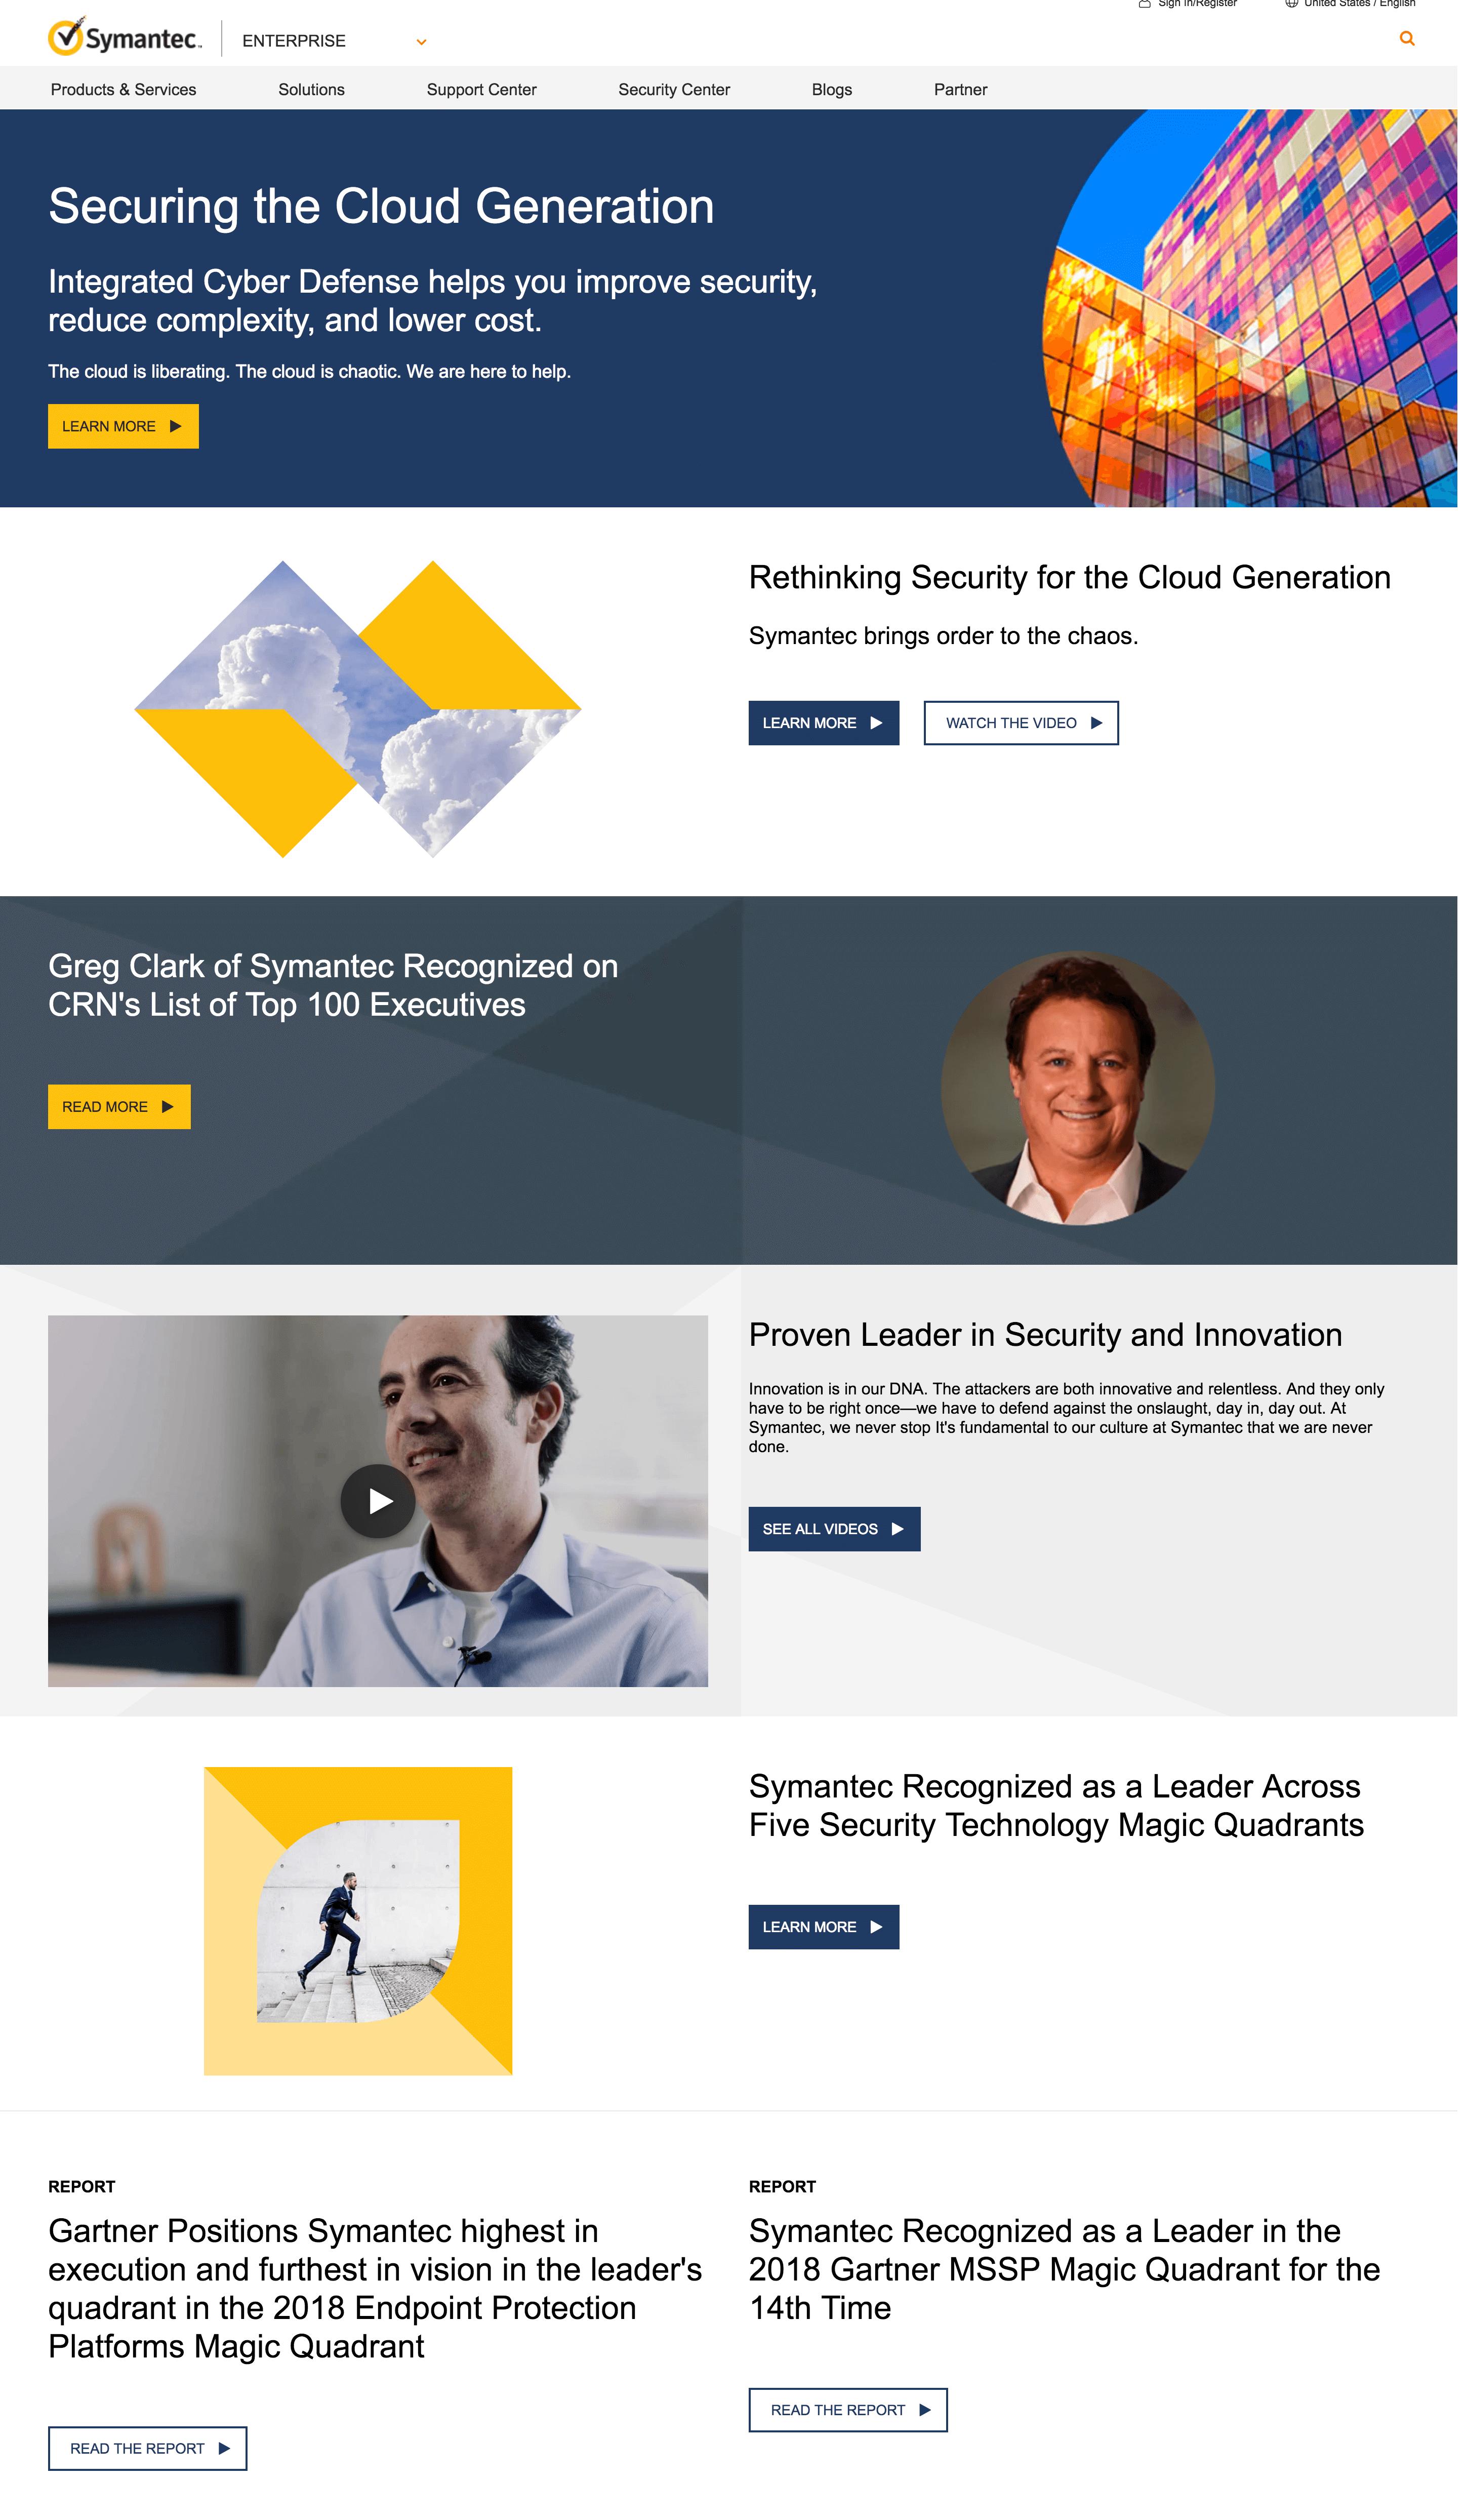 Symantec Ssl Review Nov 2018 Should You Buy Their Ssl Certificates